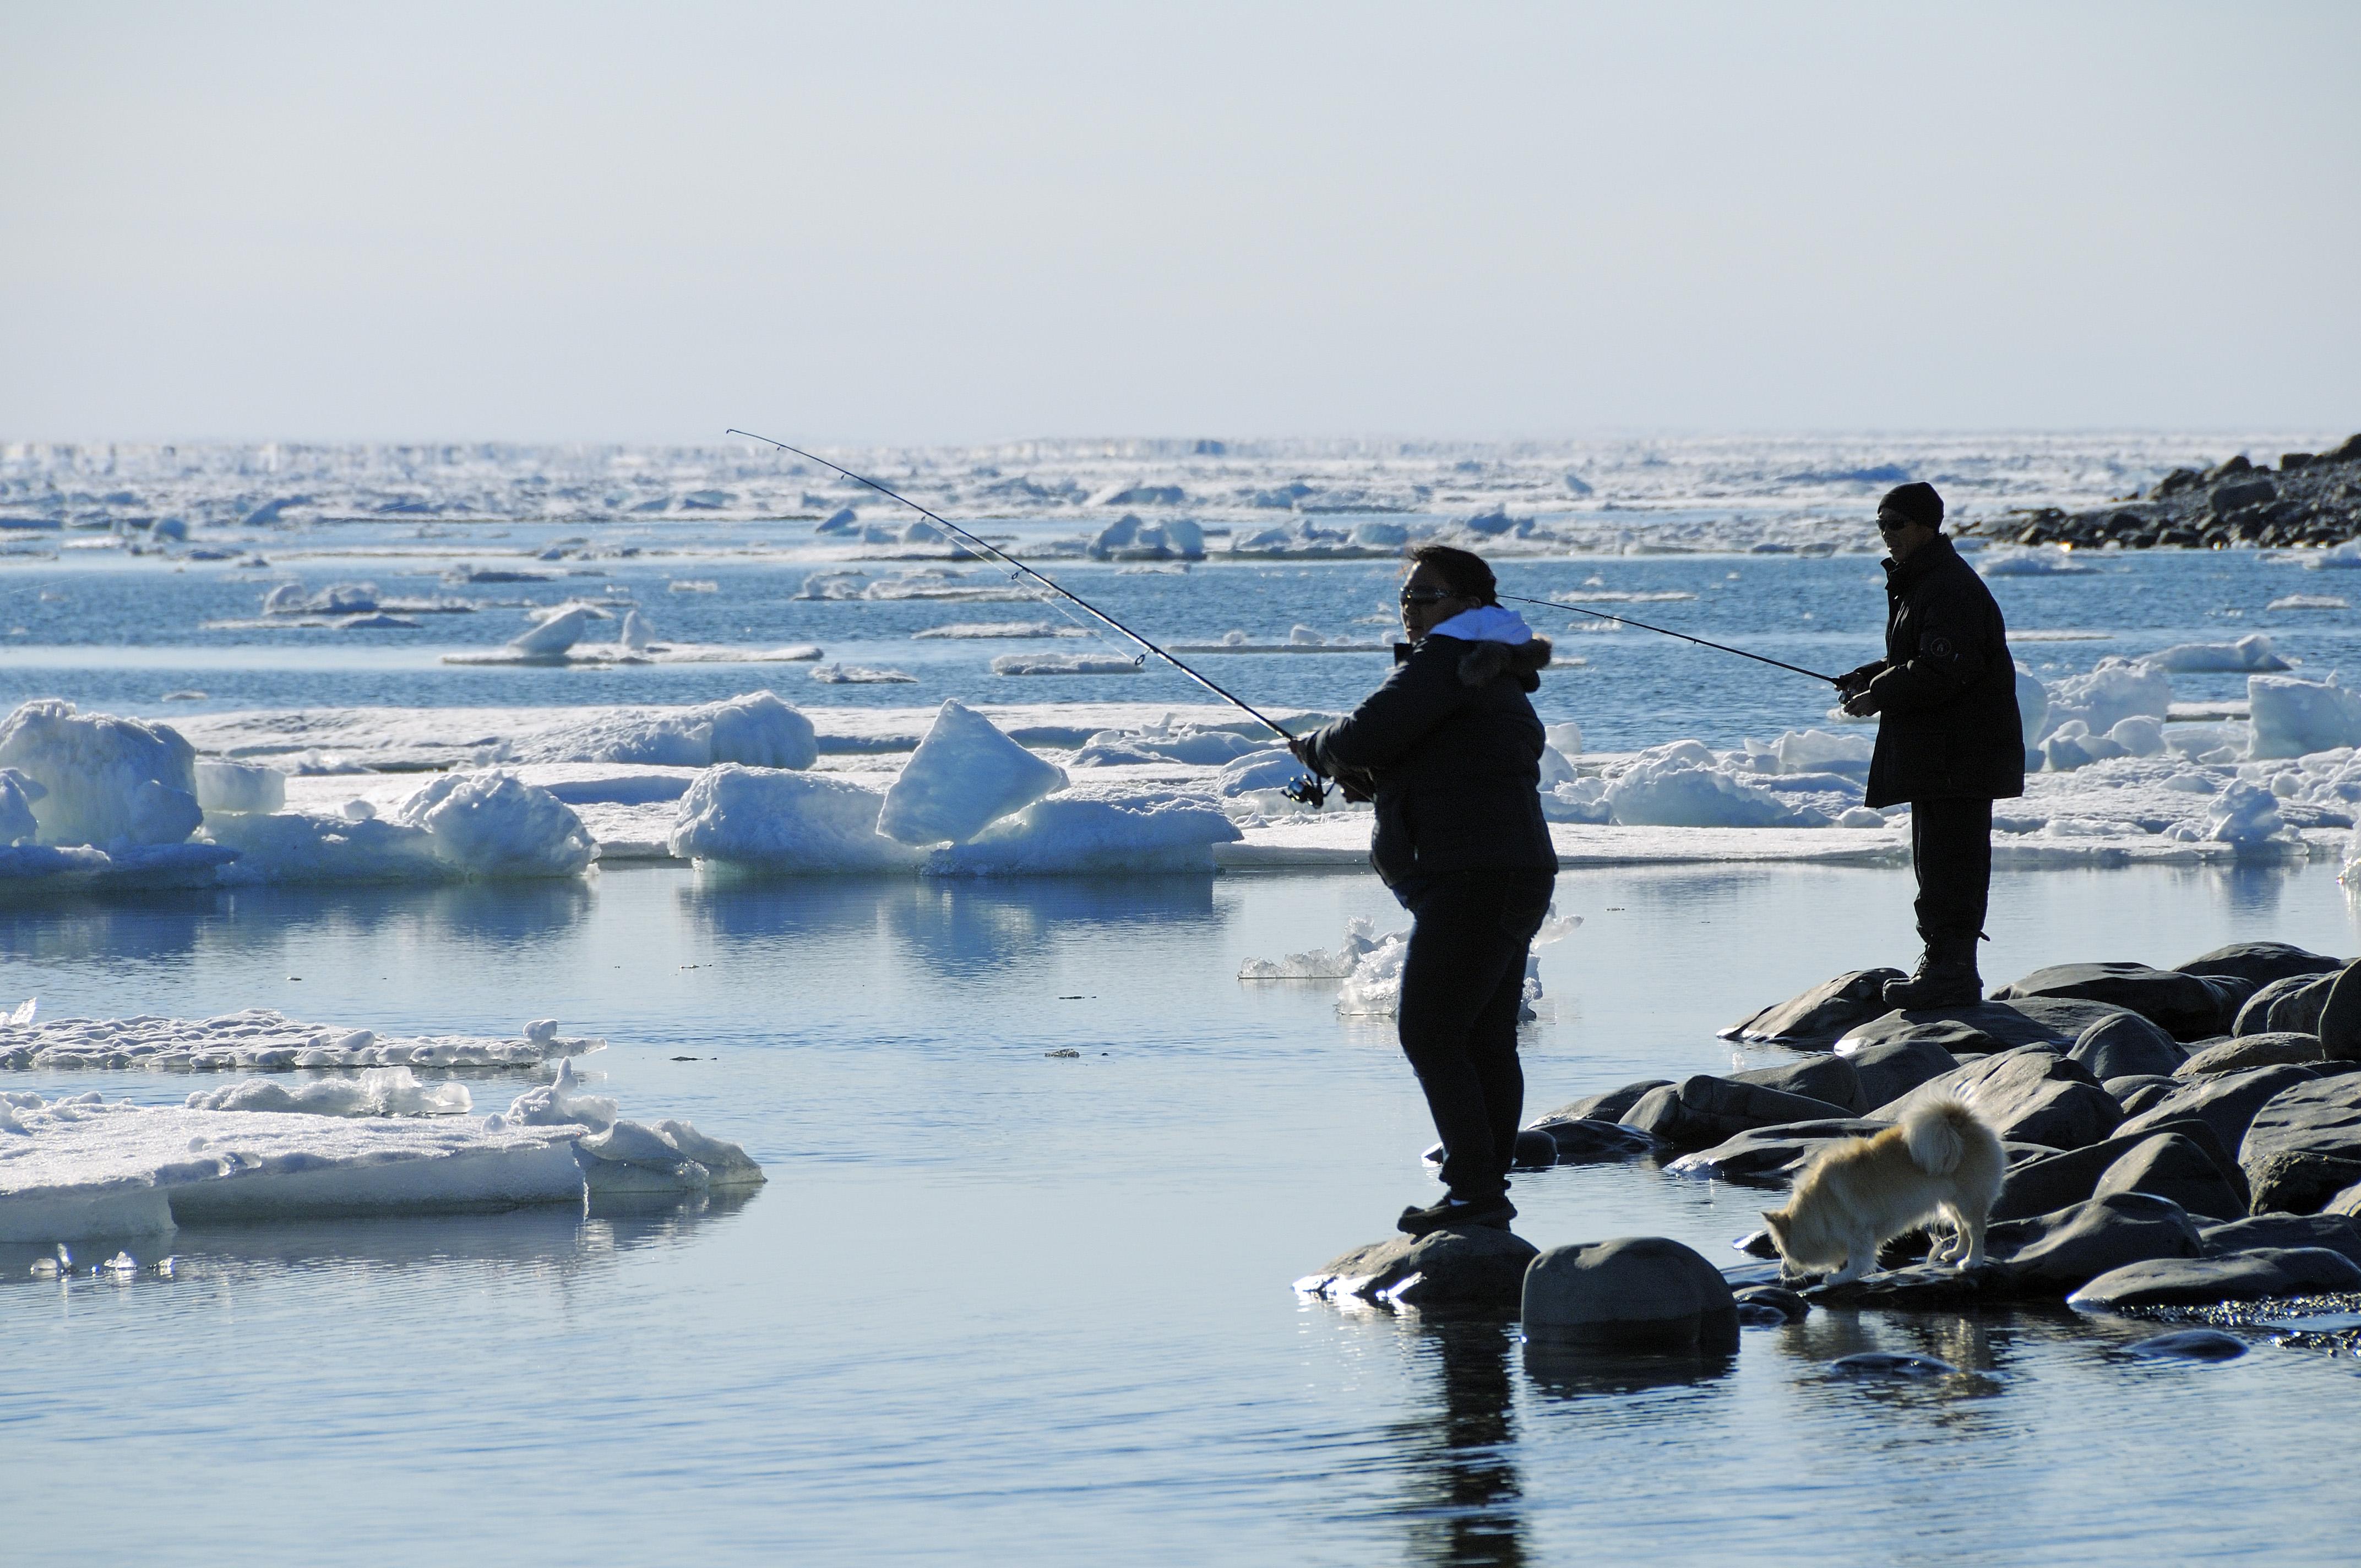 Mann und Frau vom Volk der Inuit angeln am Ufer der Beaufort Sea, Nordpolarmeer, Victoria Island (vorher Holman Island), Dorf Ulukhaktok, Northwest Territories, Kanada, Amerika